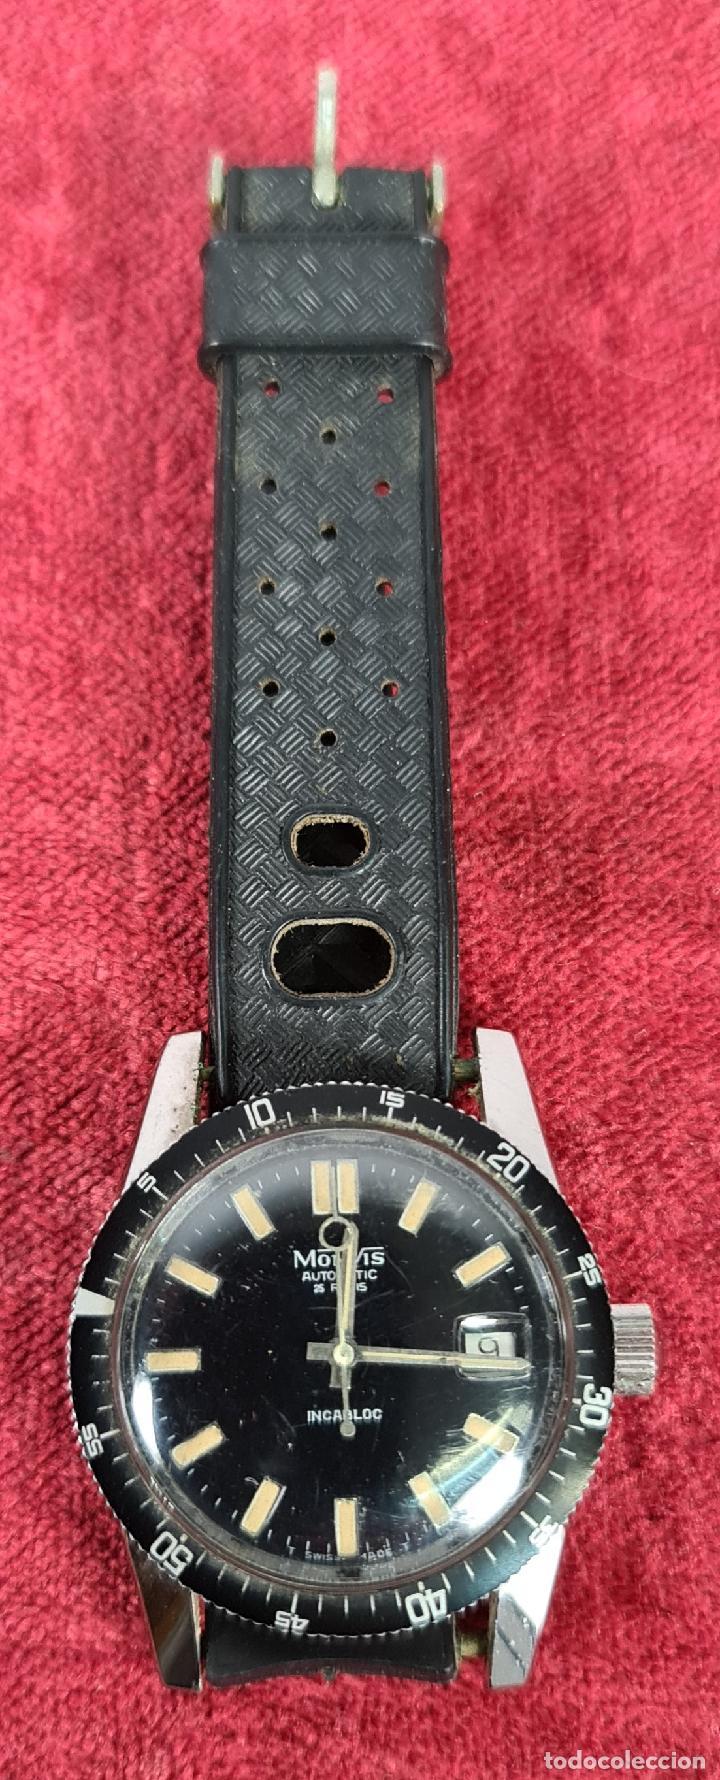 RELOJ AUTOMATICO MONVIS. INCABLOC. 25 RUBIS. ACERO INOXIDABLE. CIRCA 1960. (Relojes - Relojes Automáticos)